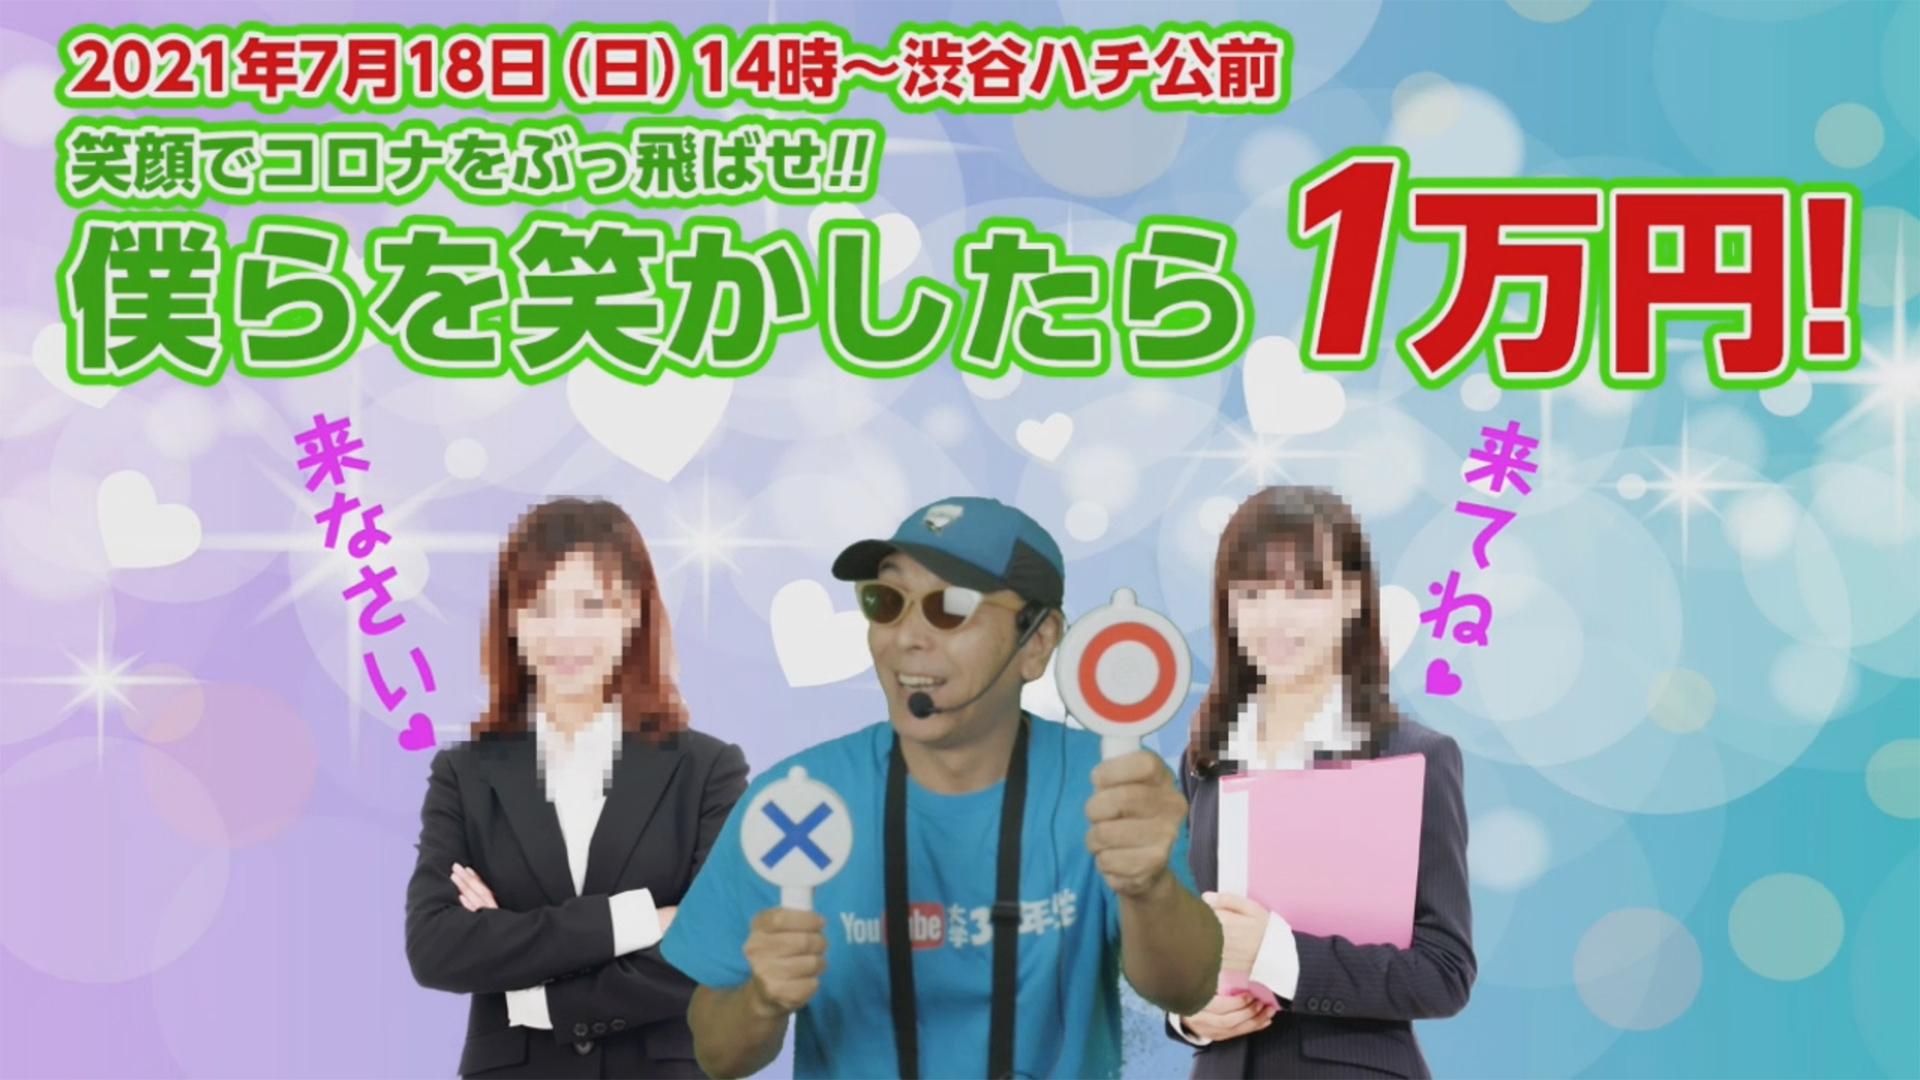 2021年7月18日(日)14:00~笑顔でコロナをぶっ飛ばせ!! 渋谷で僕らを笑わせてくれたら1万円プレゼント企画